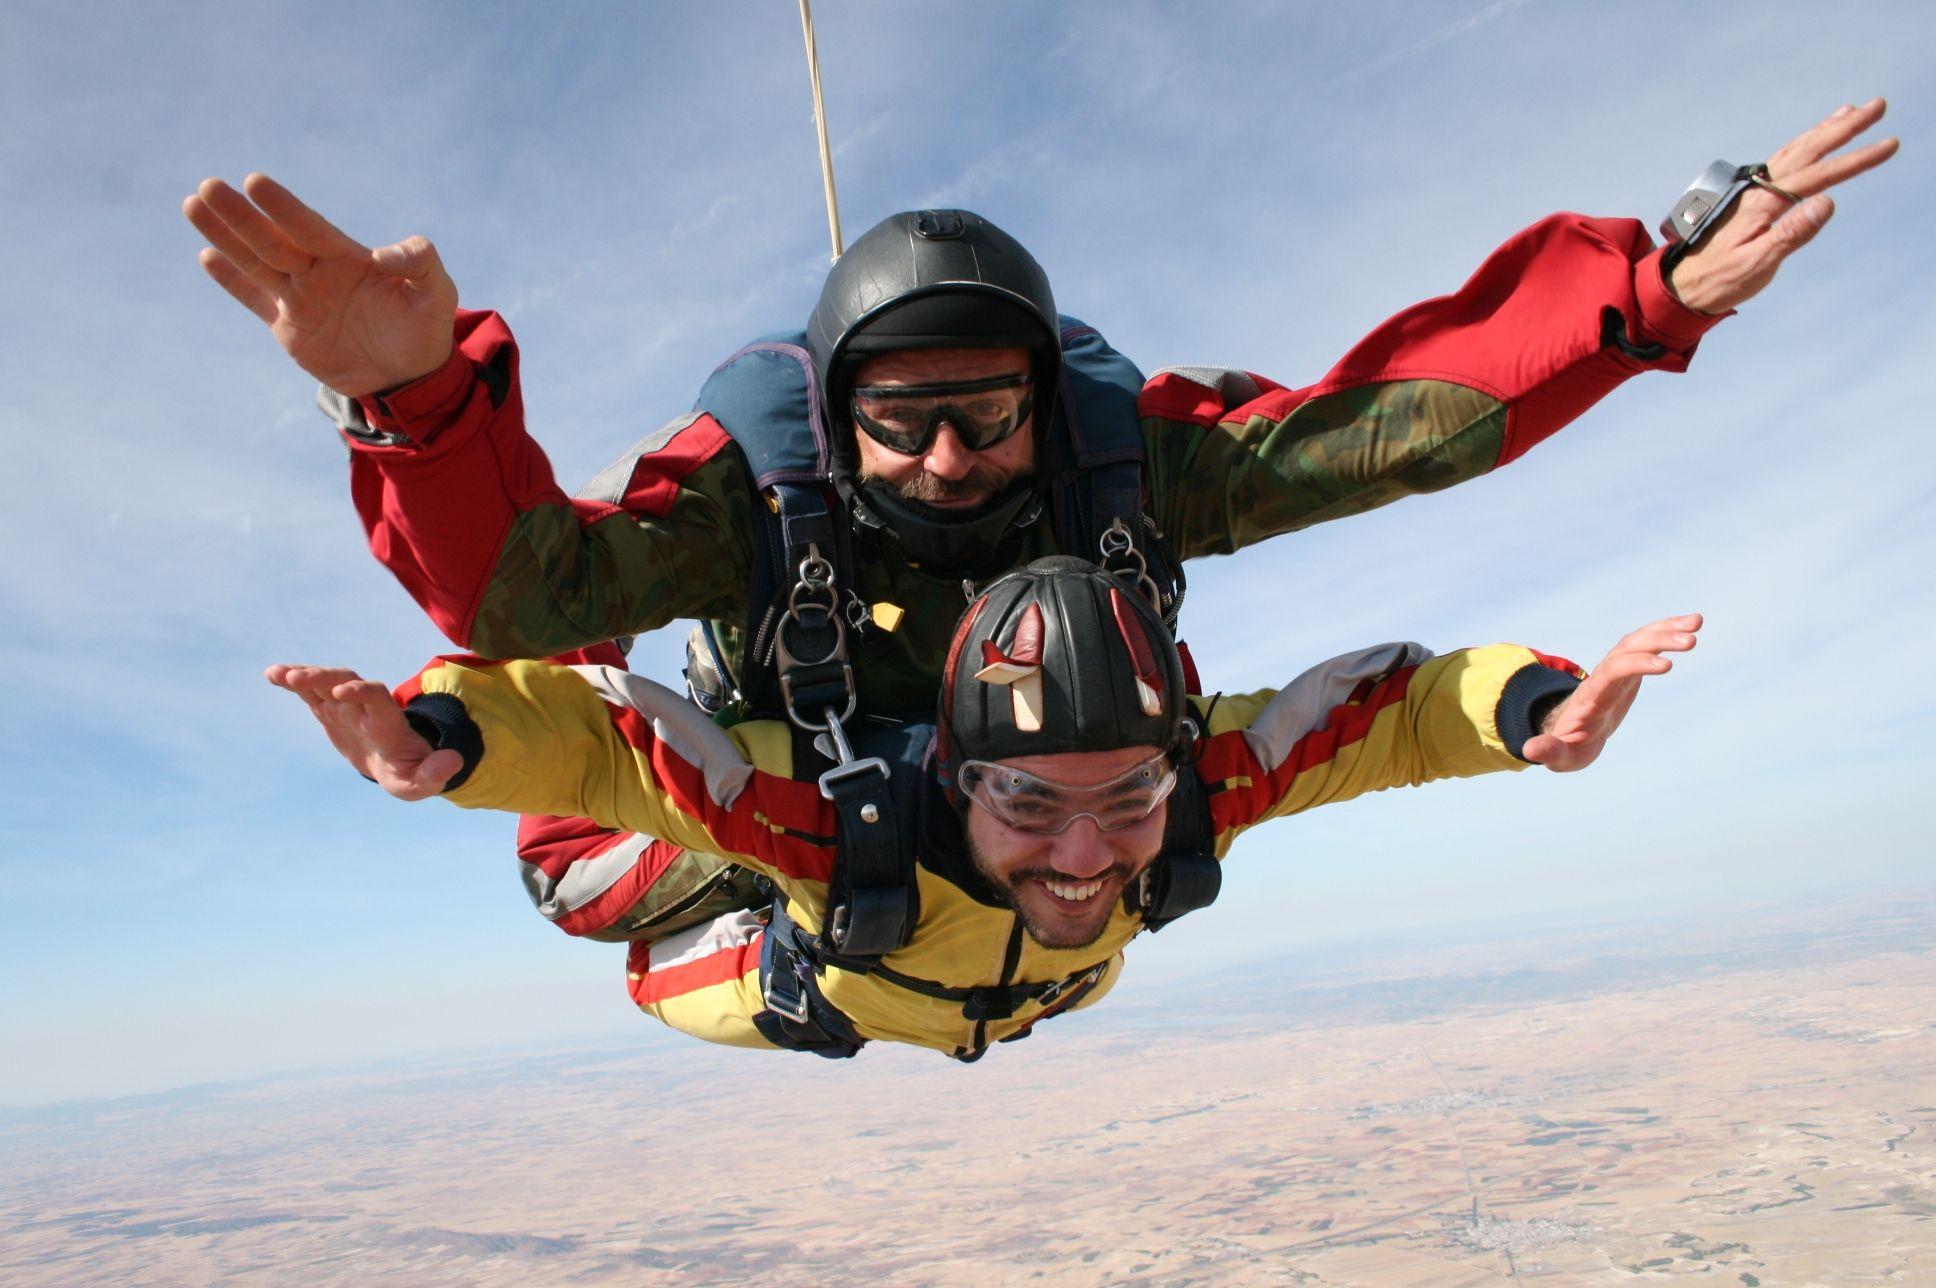 Disfrutando el momento #paracaidismo